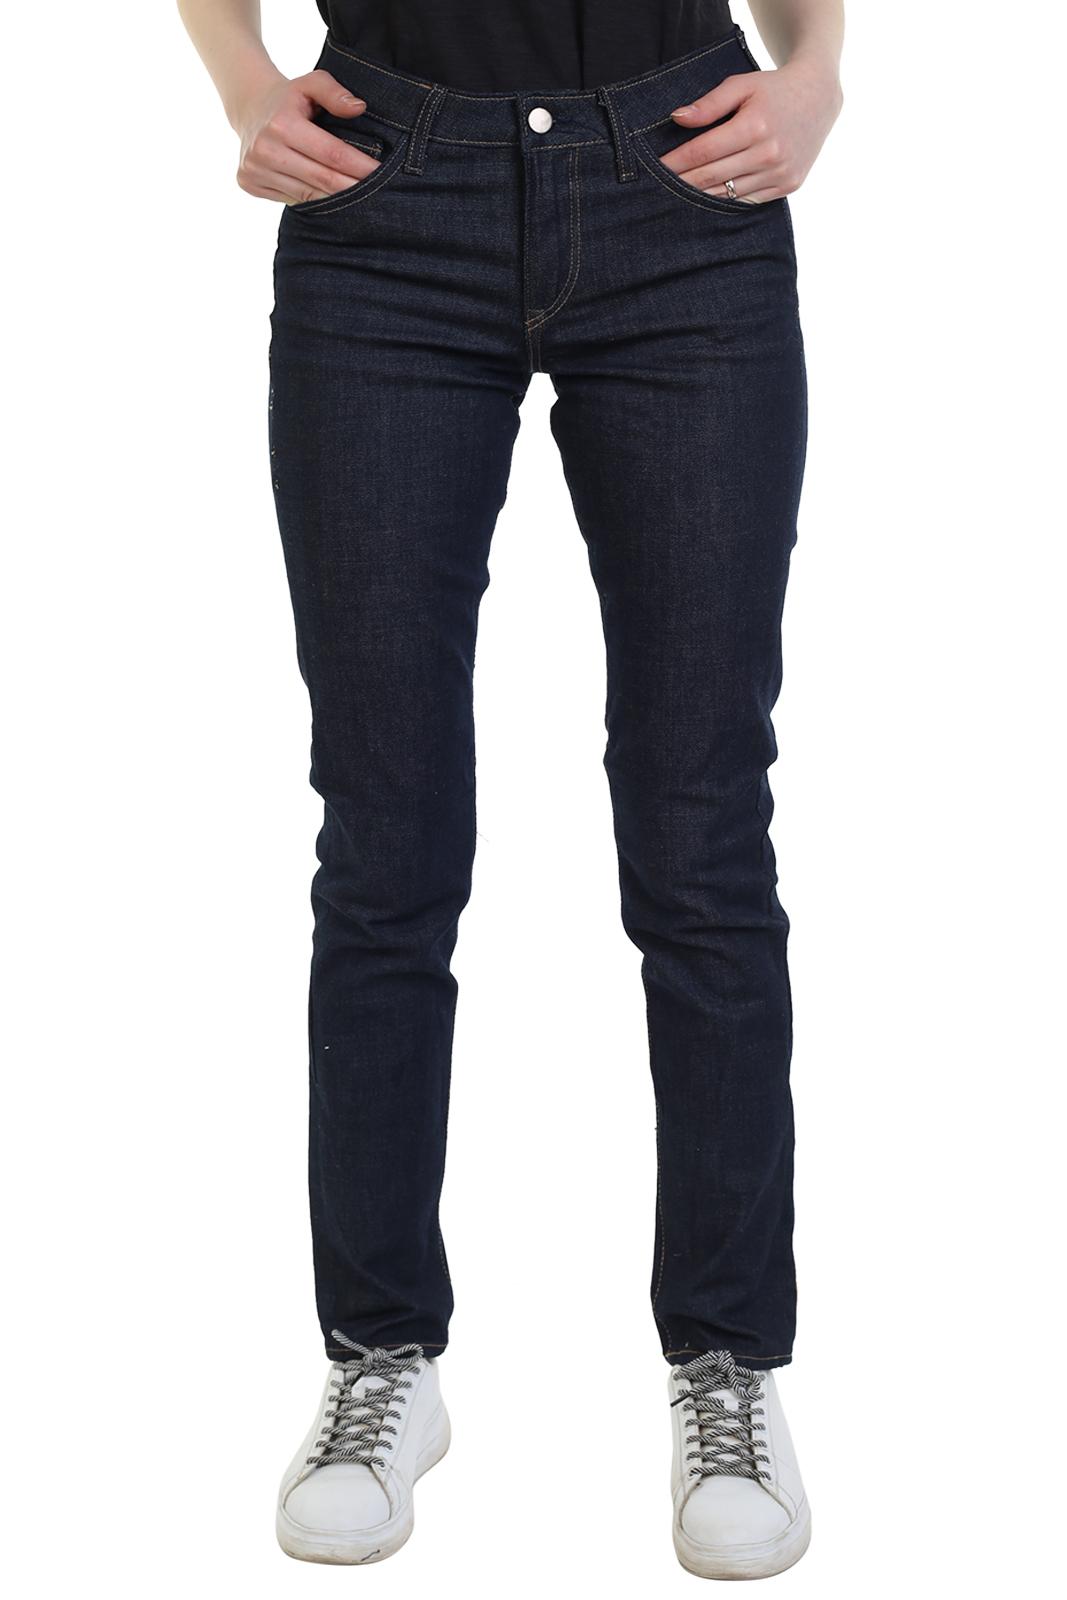 Купить дешево женские джинсы синего цвета